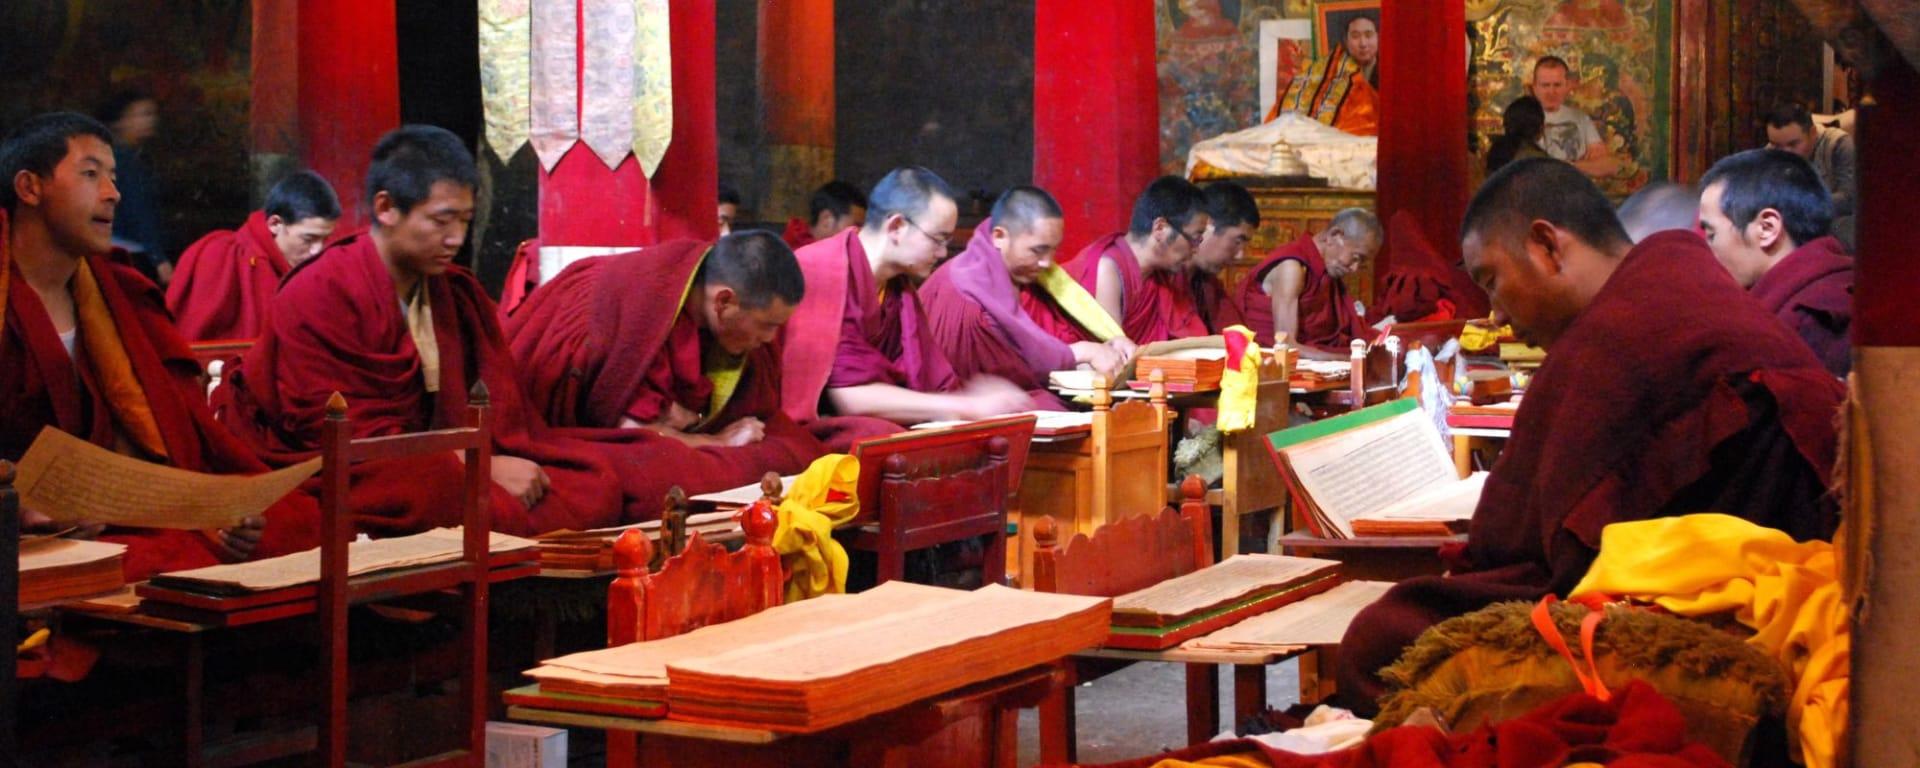 Mit der Tibet Bahn zum Dach der Welt ab Peking: Tibetan Monks Gyantse Pelkhoer Chode Monastery